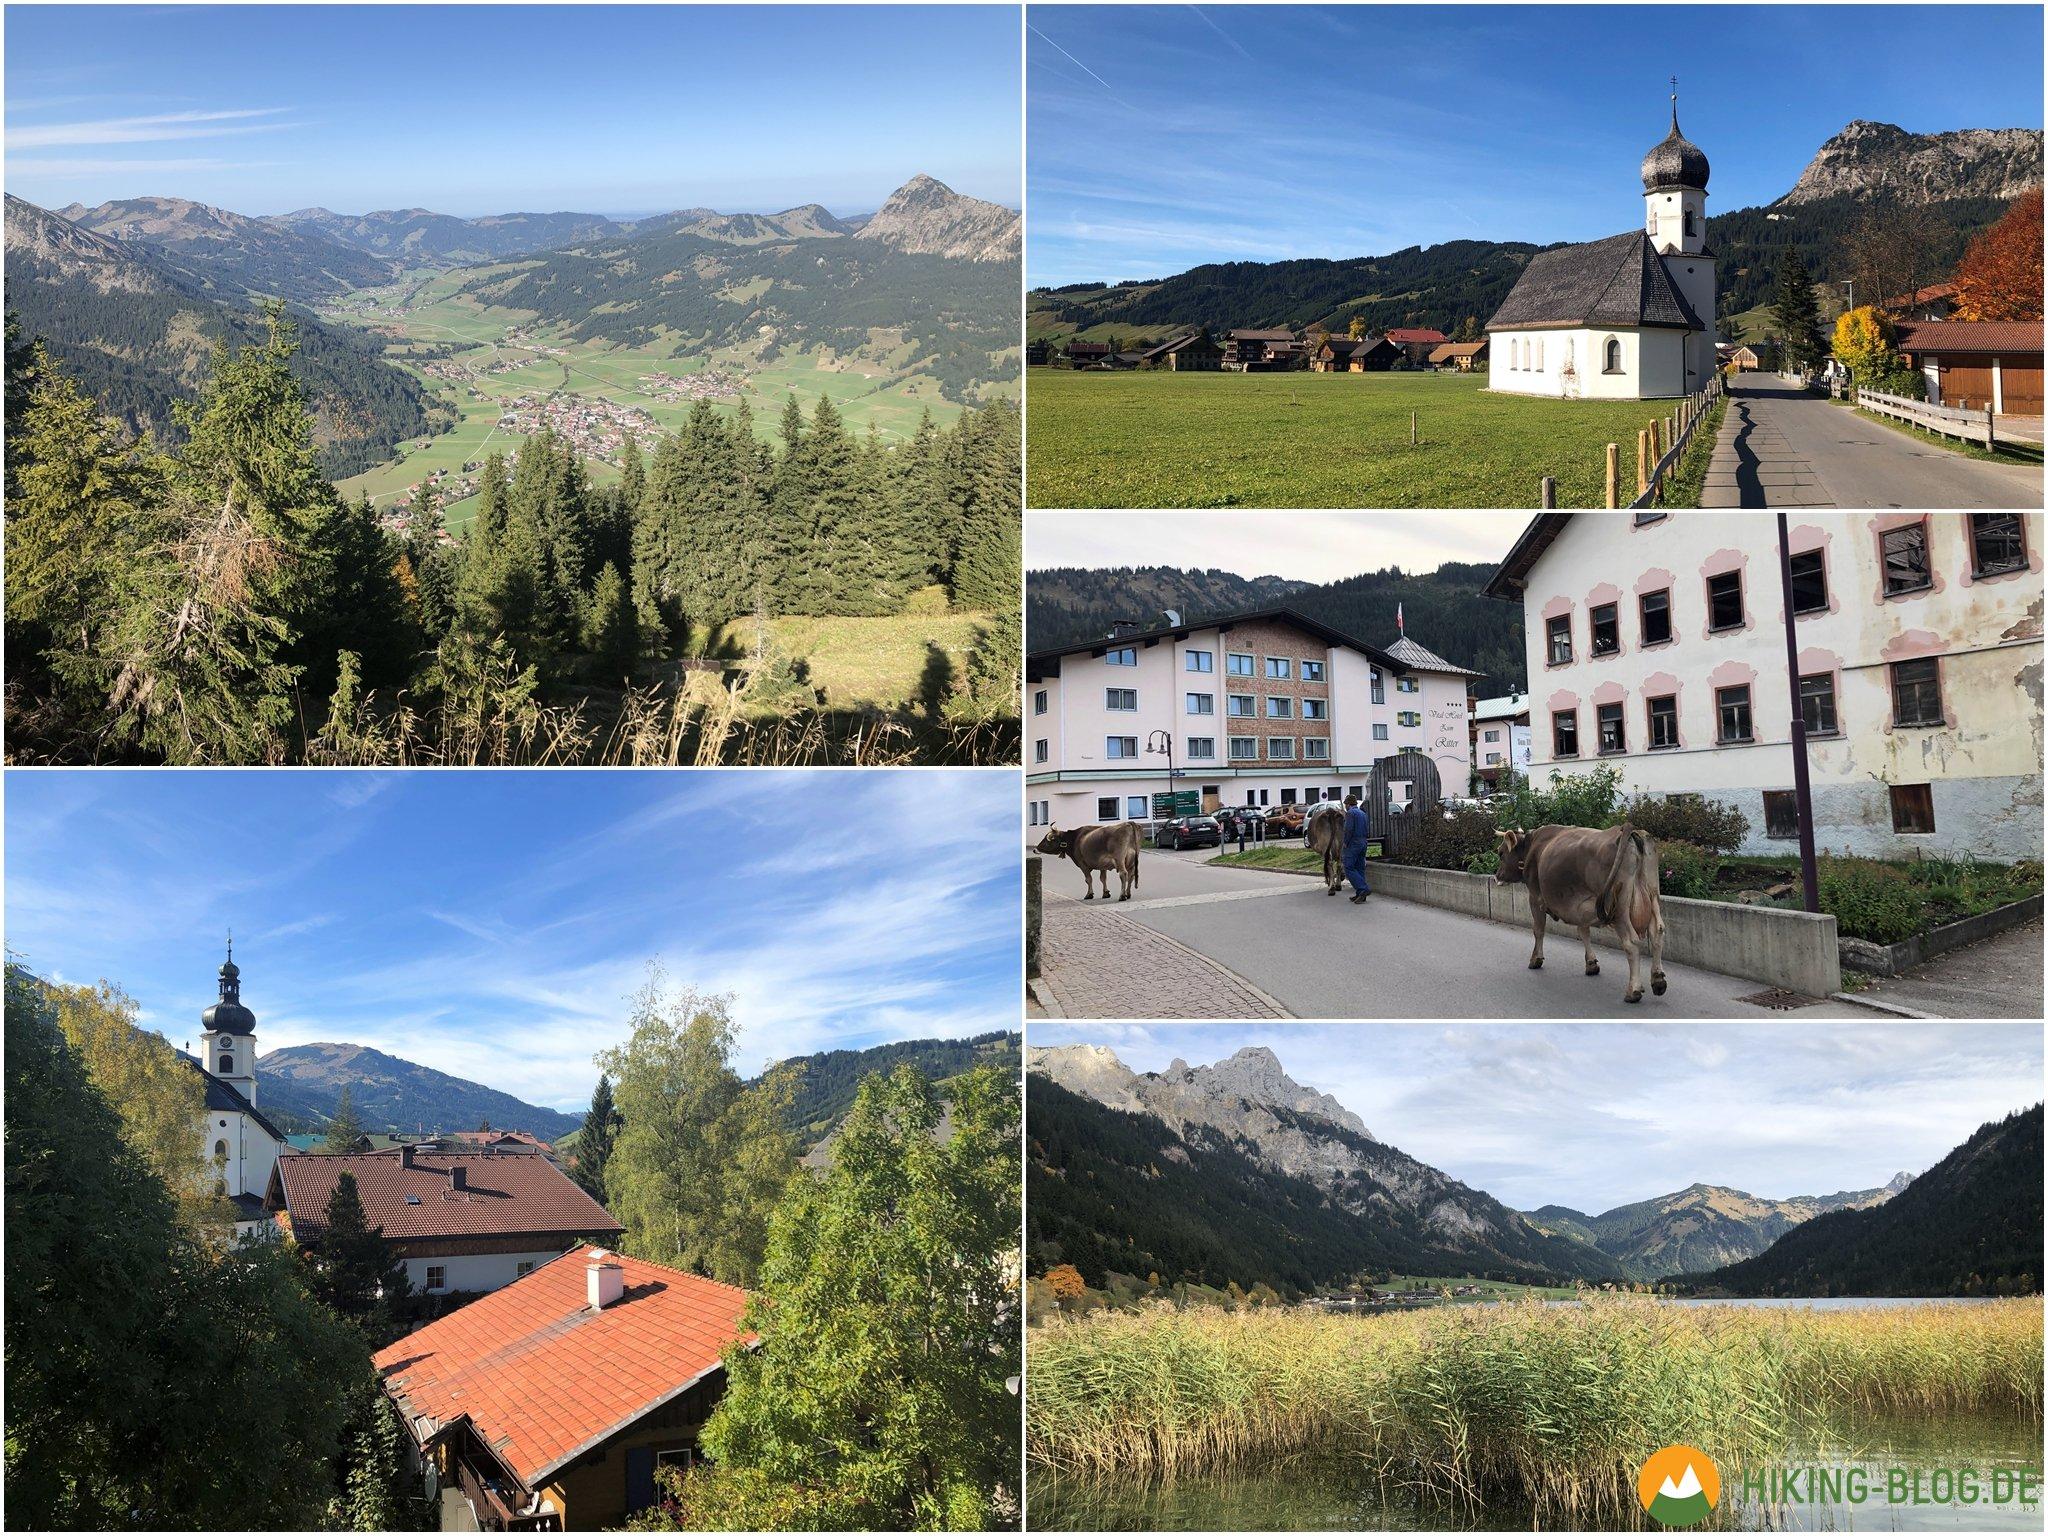 Familien- und Wanderurlaub im Tannheimer Tal